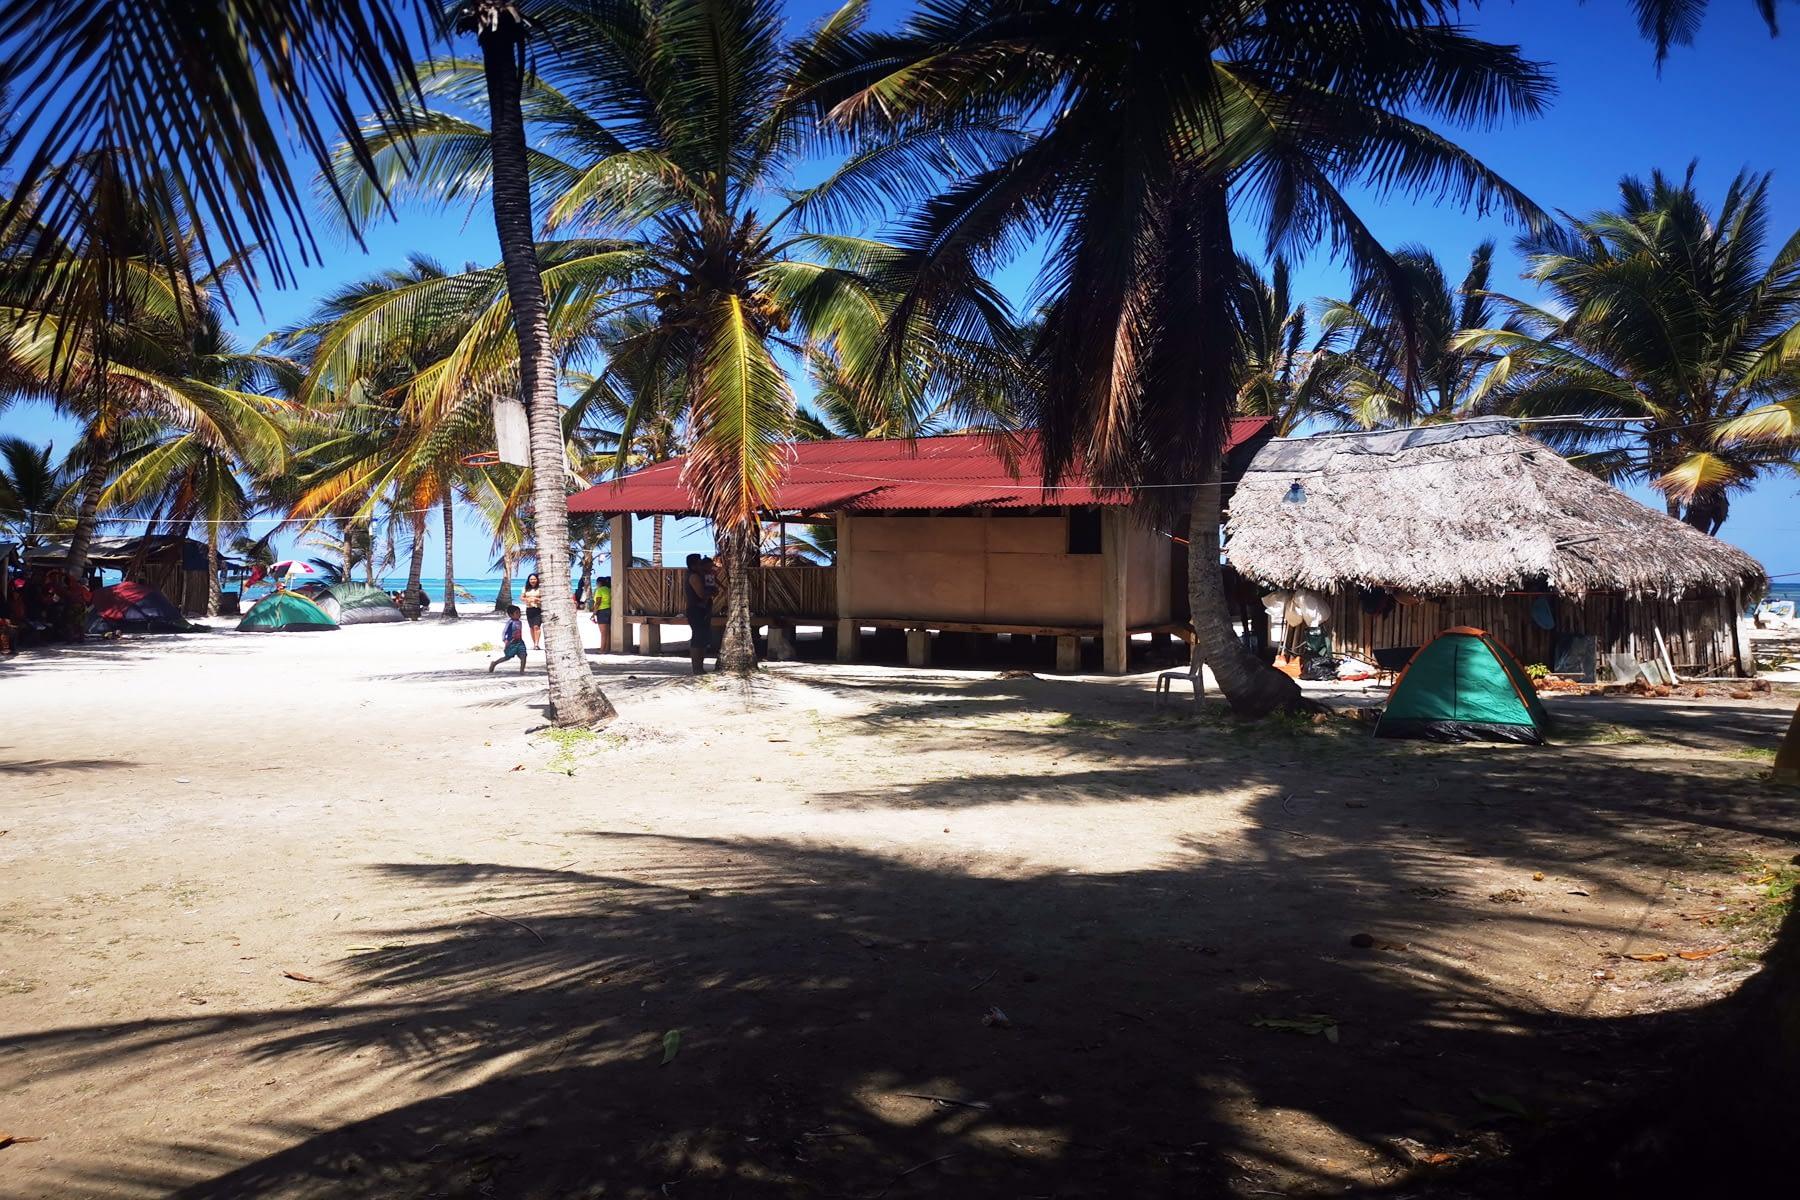 Vista en Medio de la isla Masargandub